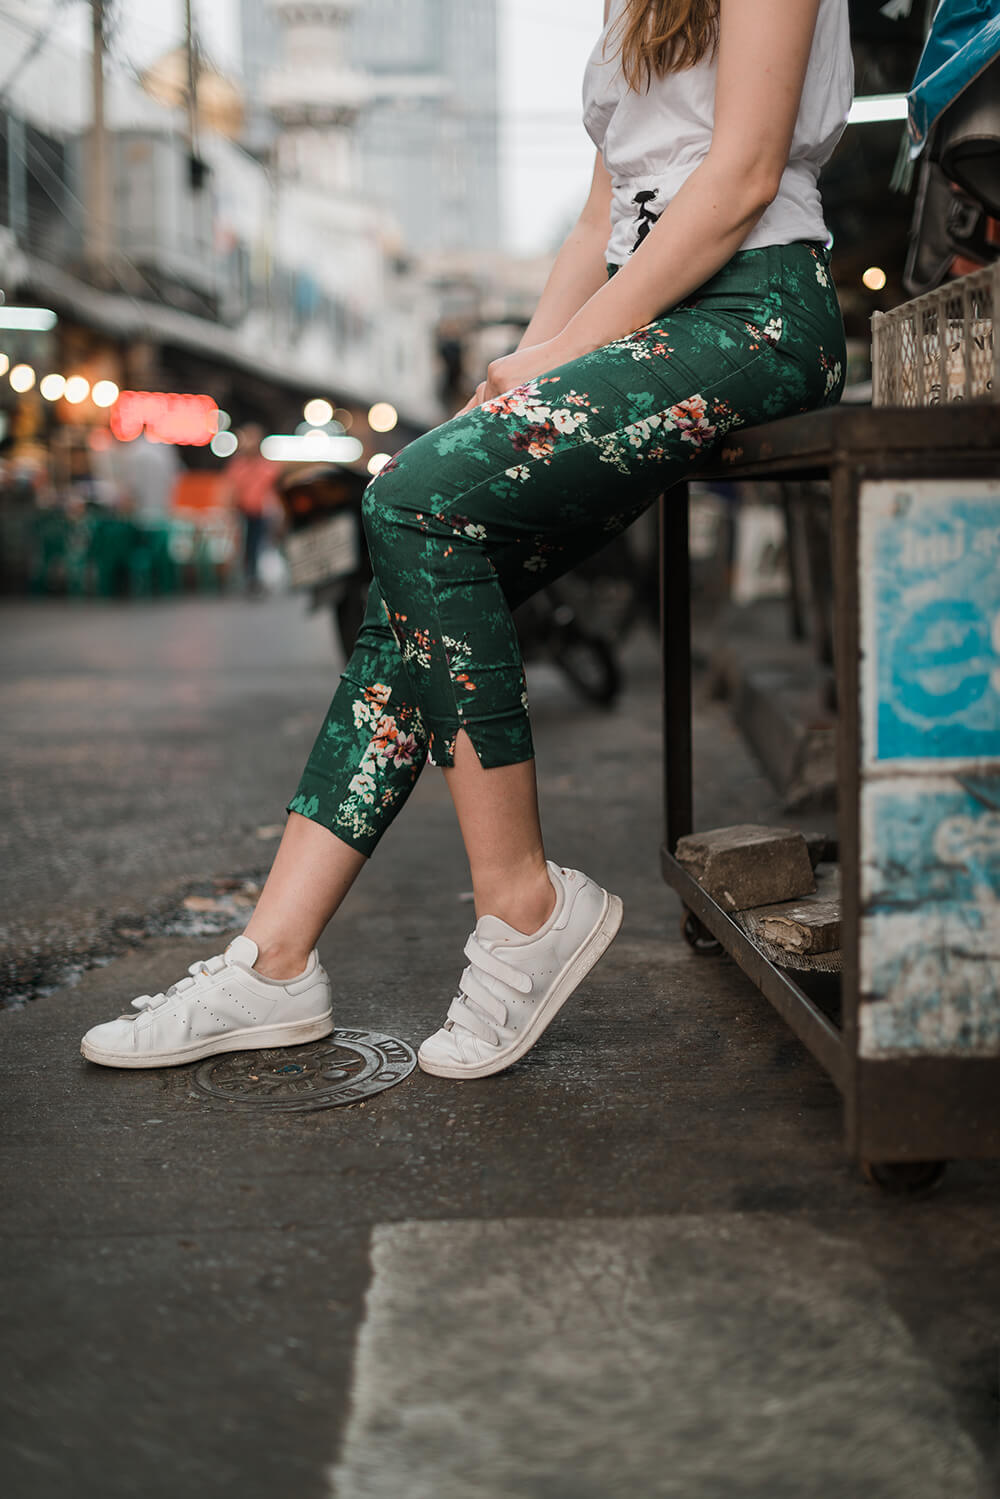 Urlaubslook-Casual Look-Sneaker-Shoelove-andysparkles